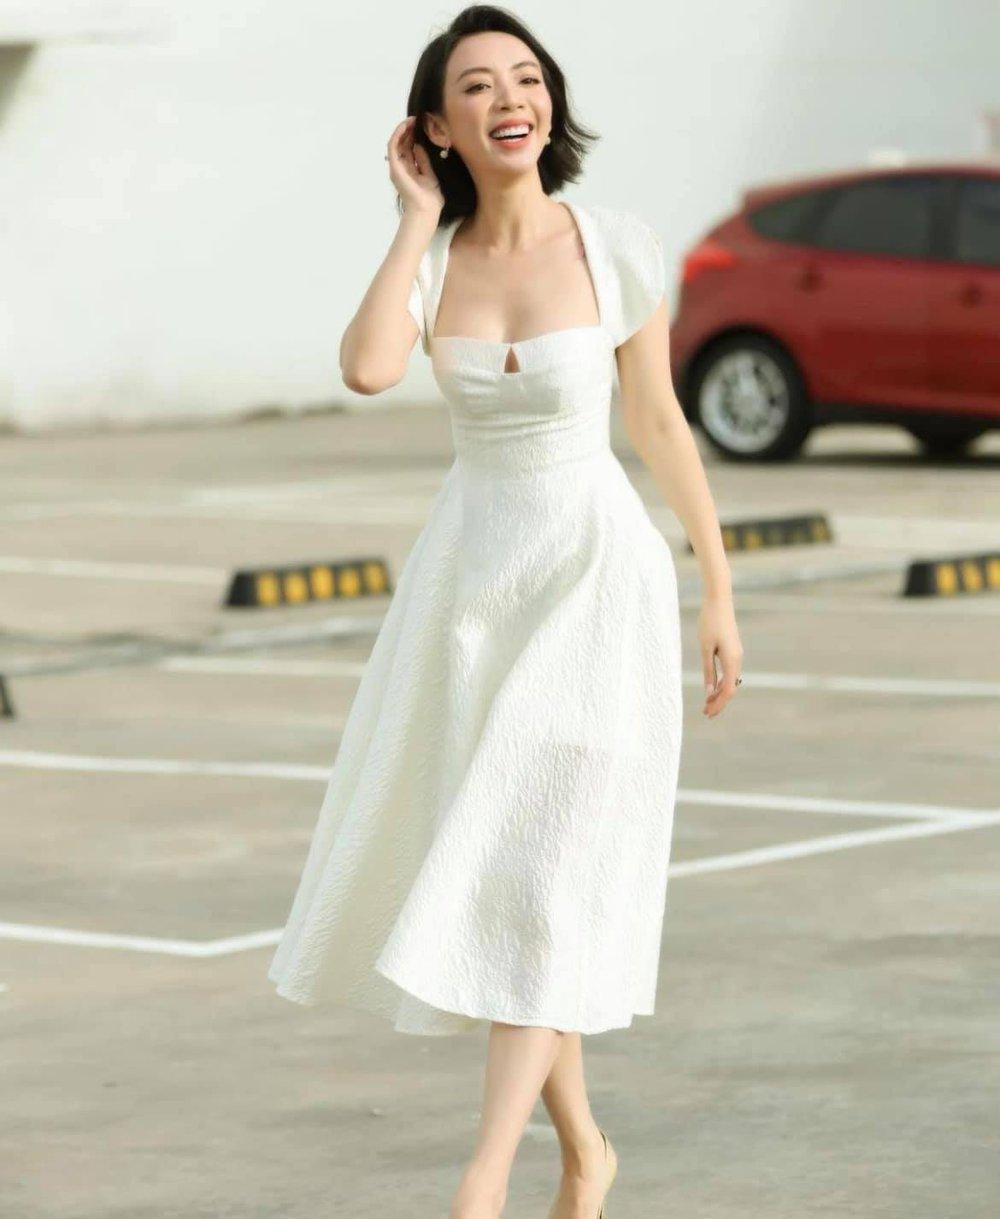 Bất ngờ với vẻ đẹp gợi cảm của Hoa hậu làng hài - Ảnh 4.